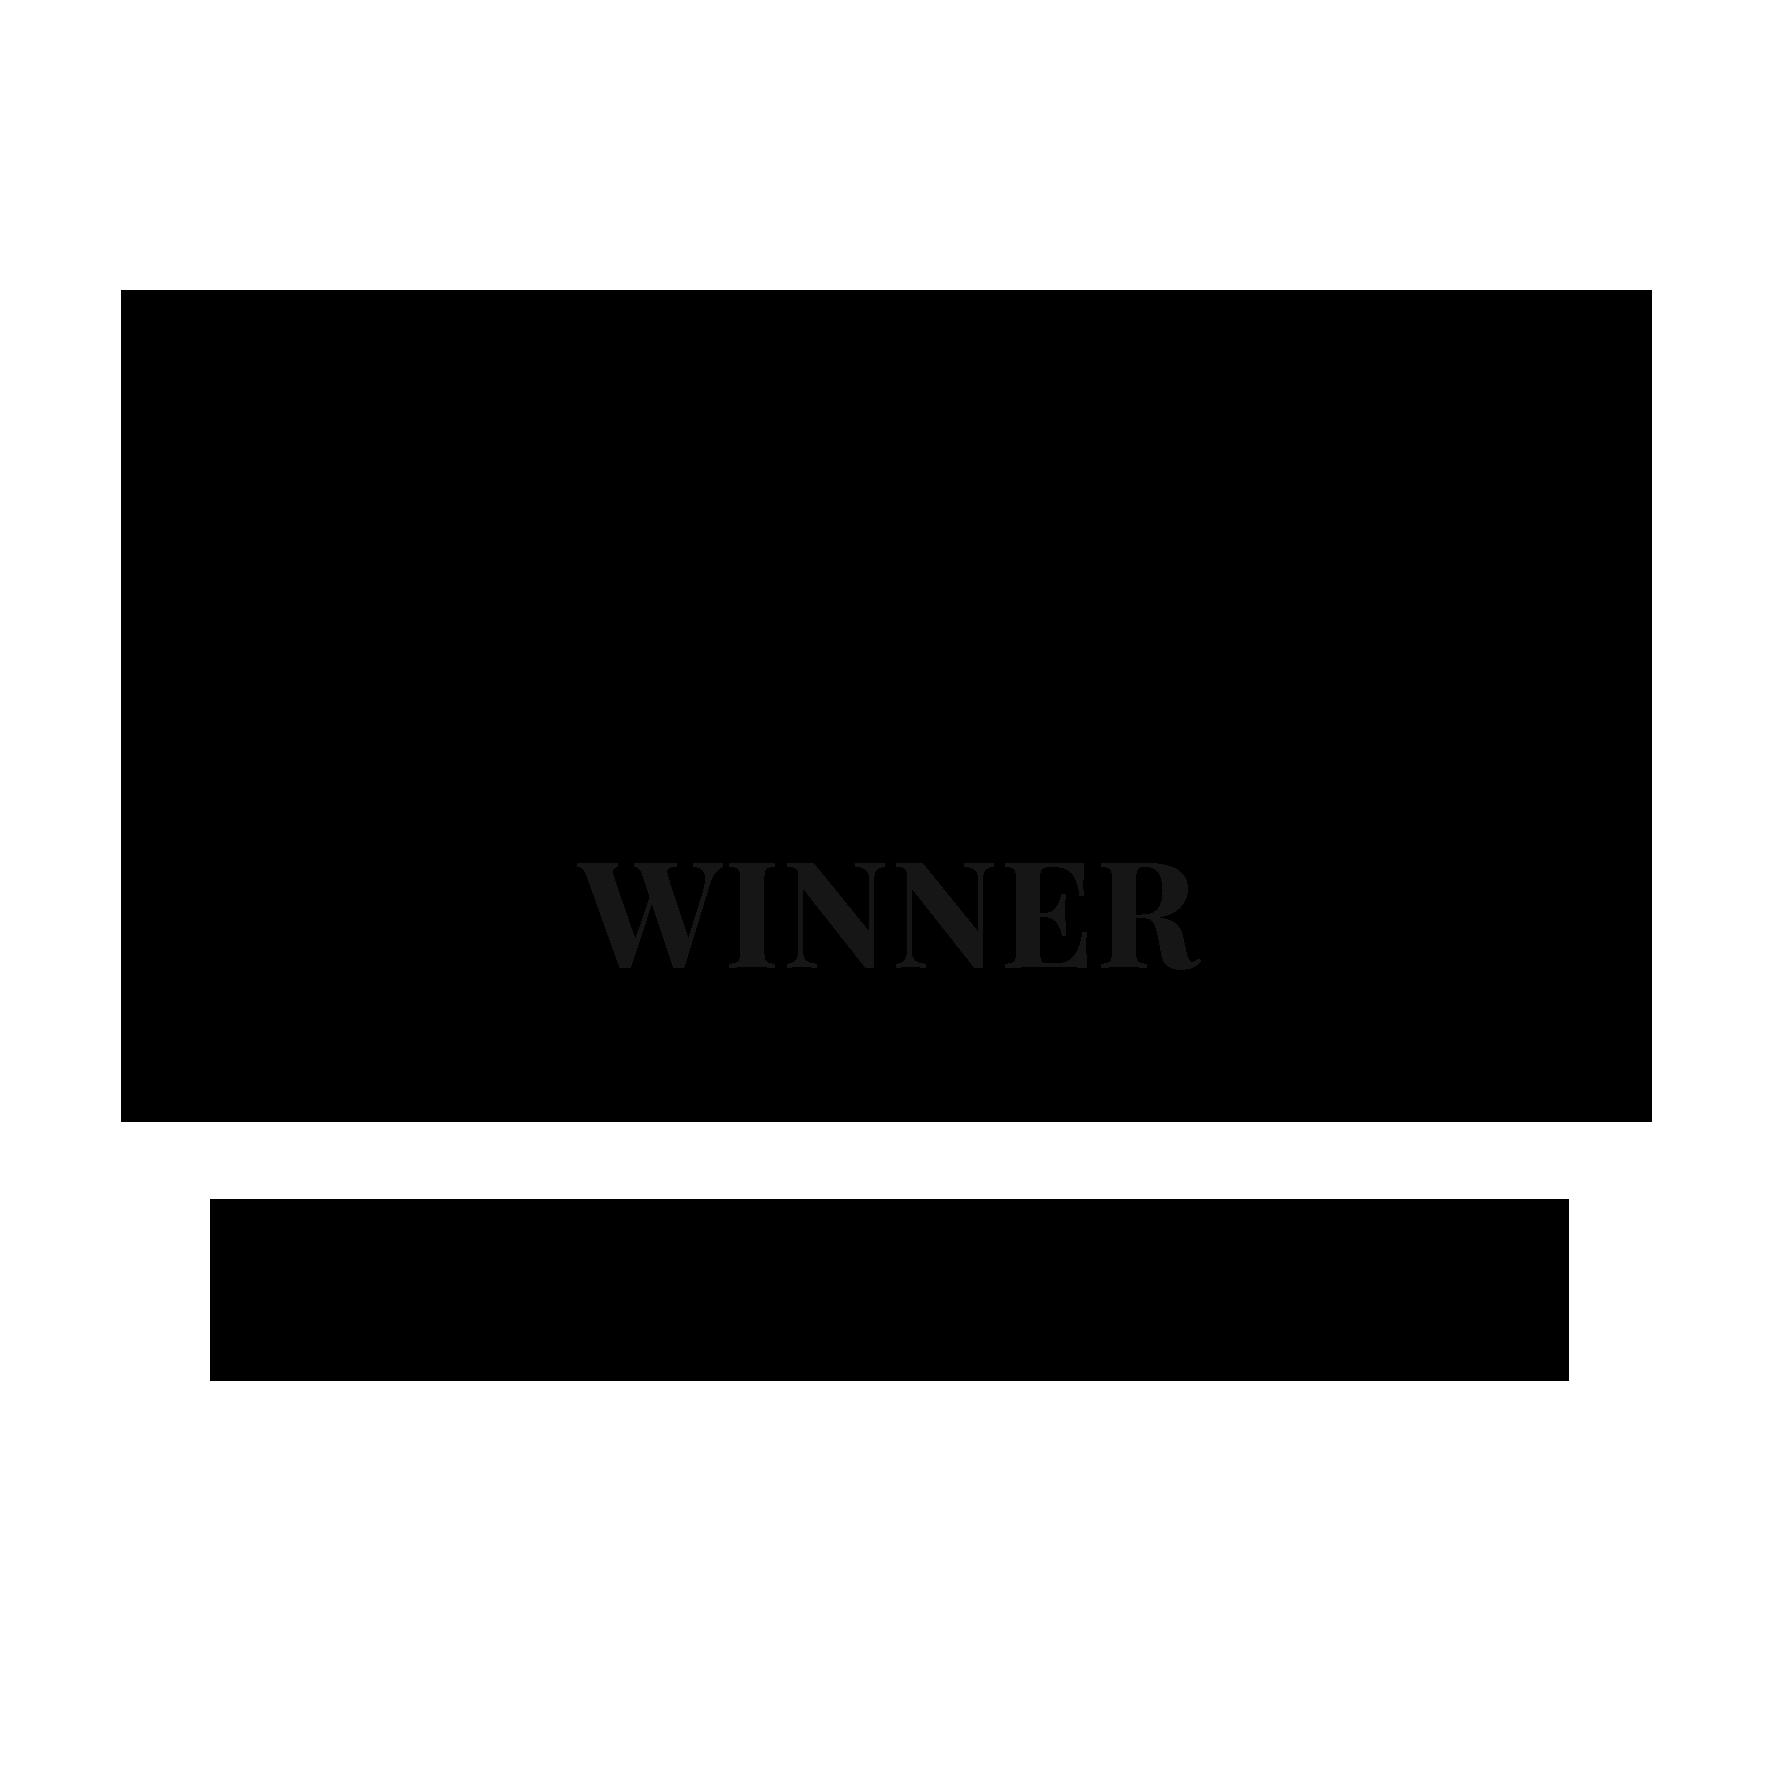 2020 Atom Awards – WInner Best Documentary Social & Political Issues